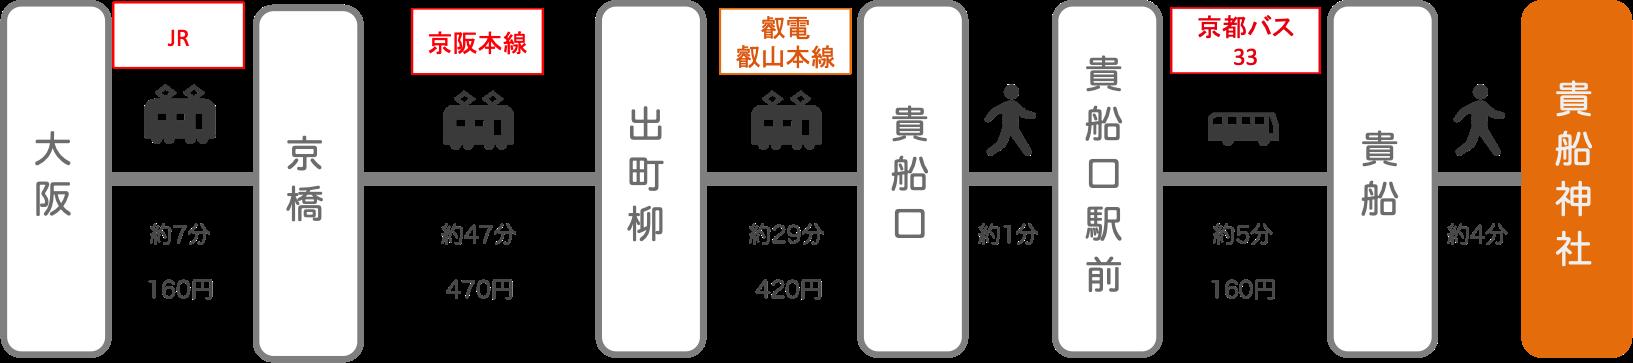 貴船神社_大阪_電車とバス